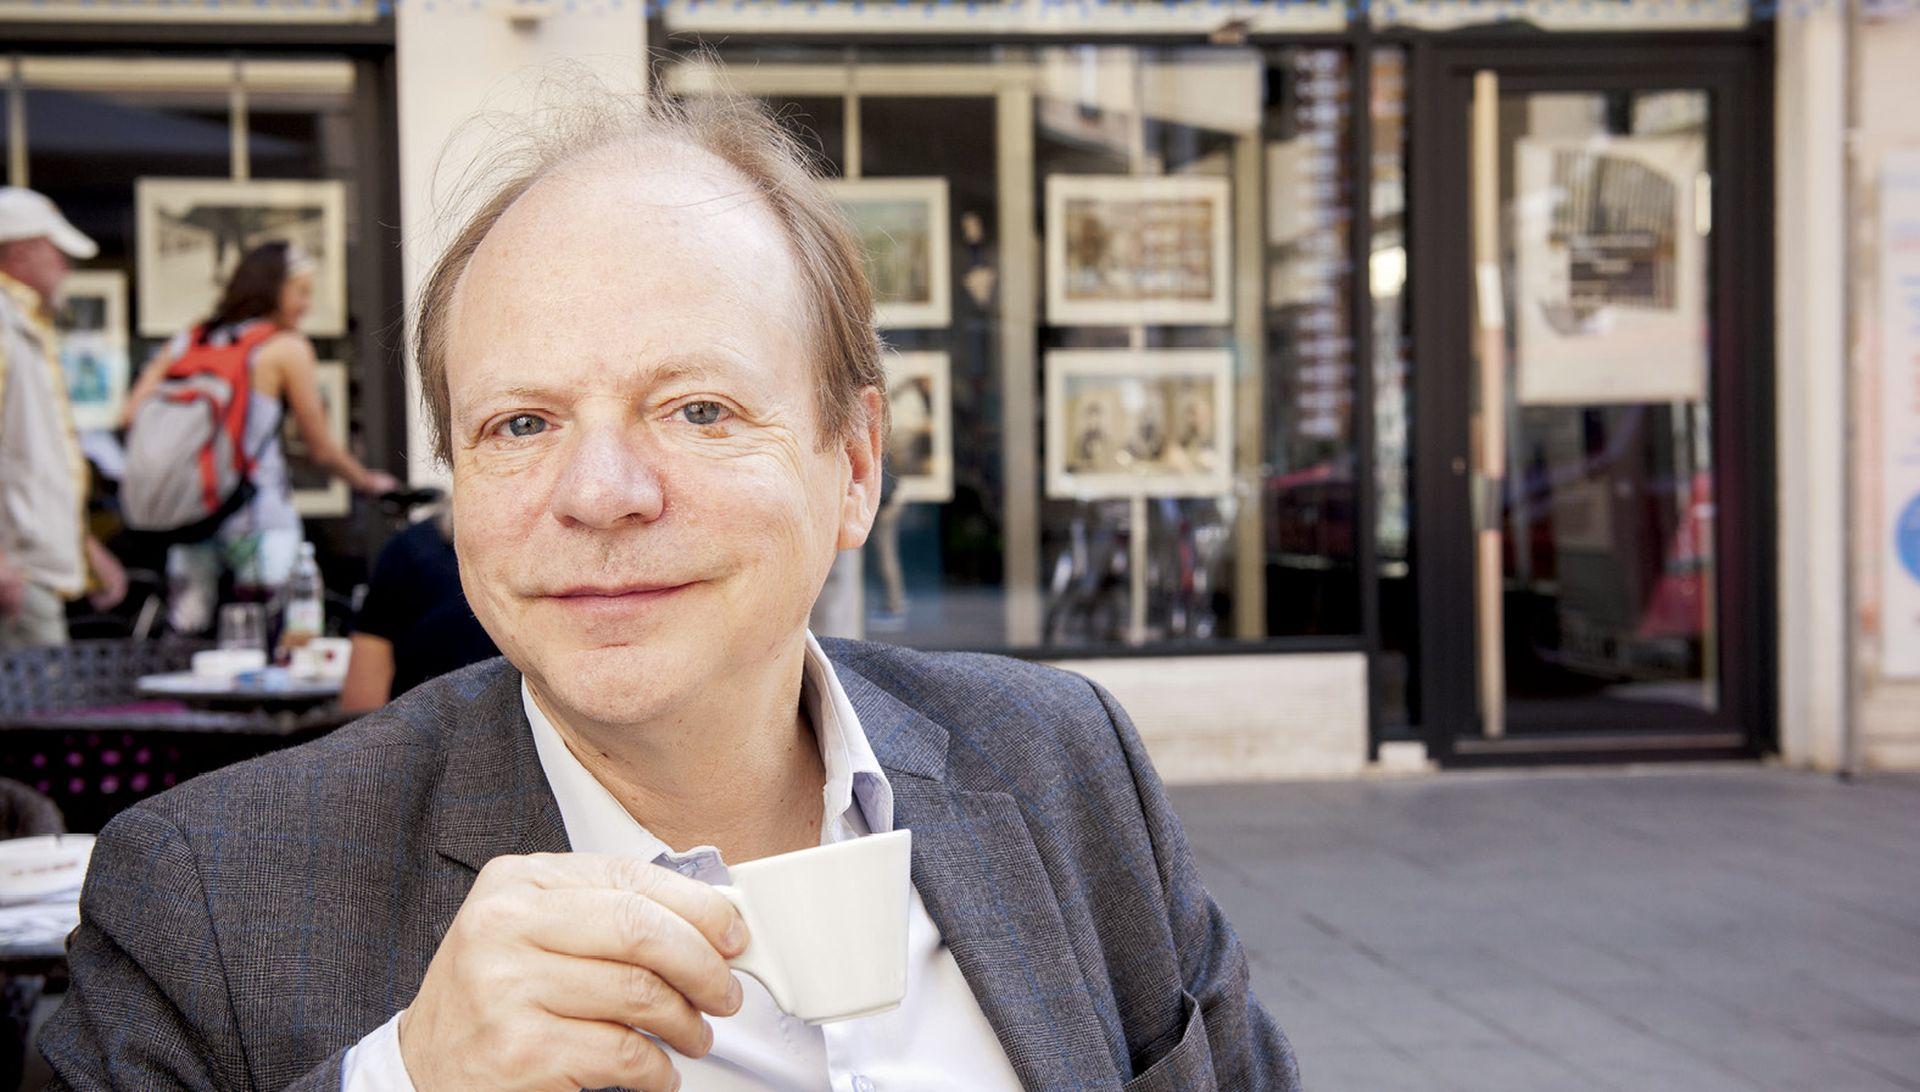 INTERVIEW: PATRICK BOUCHERON 'Hrvatska u nekoj mjeri osjeća zov Mađarske i Poljske'